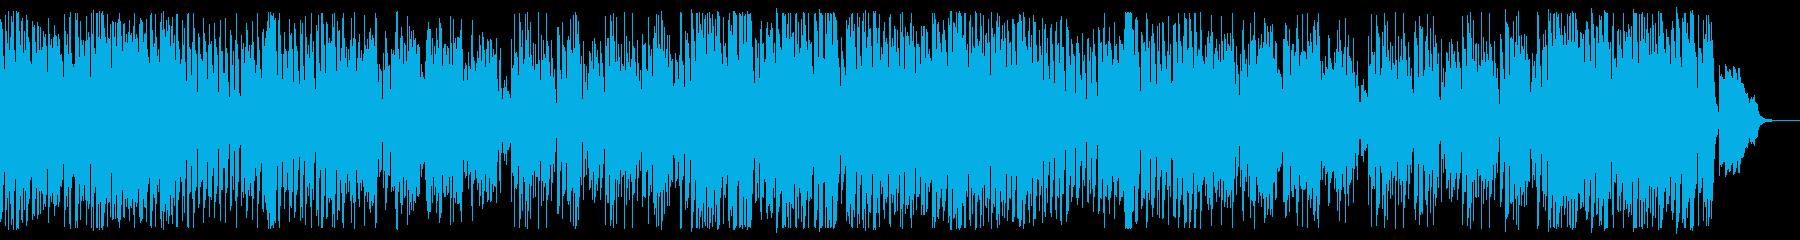 ハロウィン、ダークな雰囲気の4つ打ちの再生済みの波形